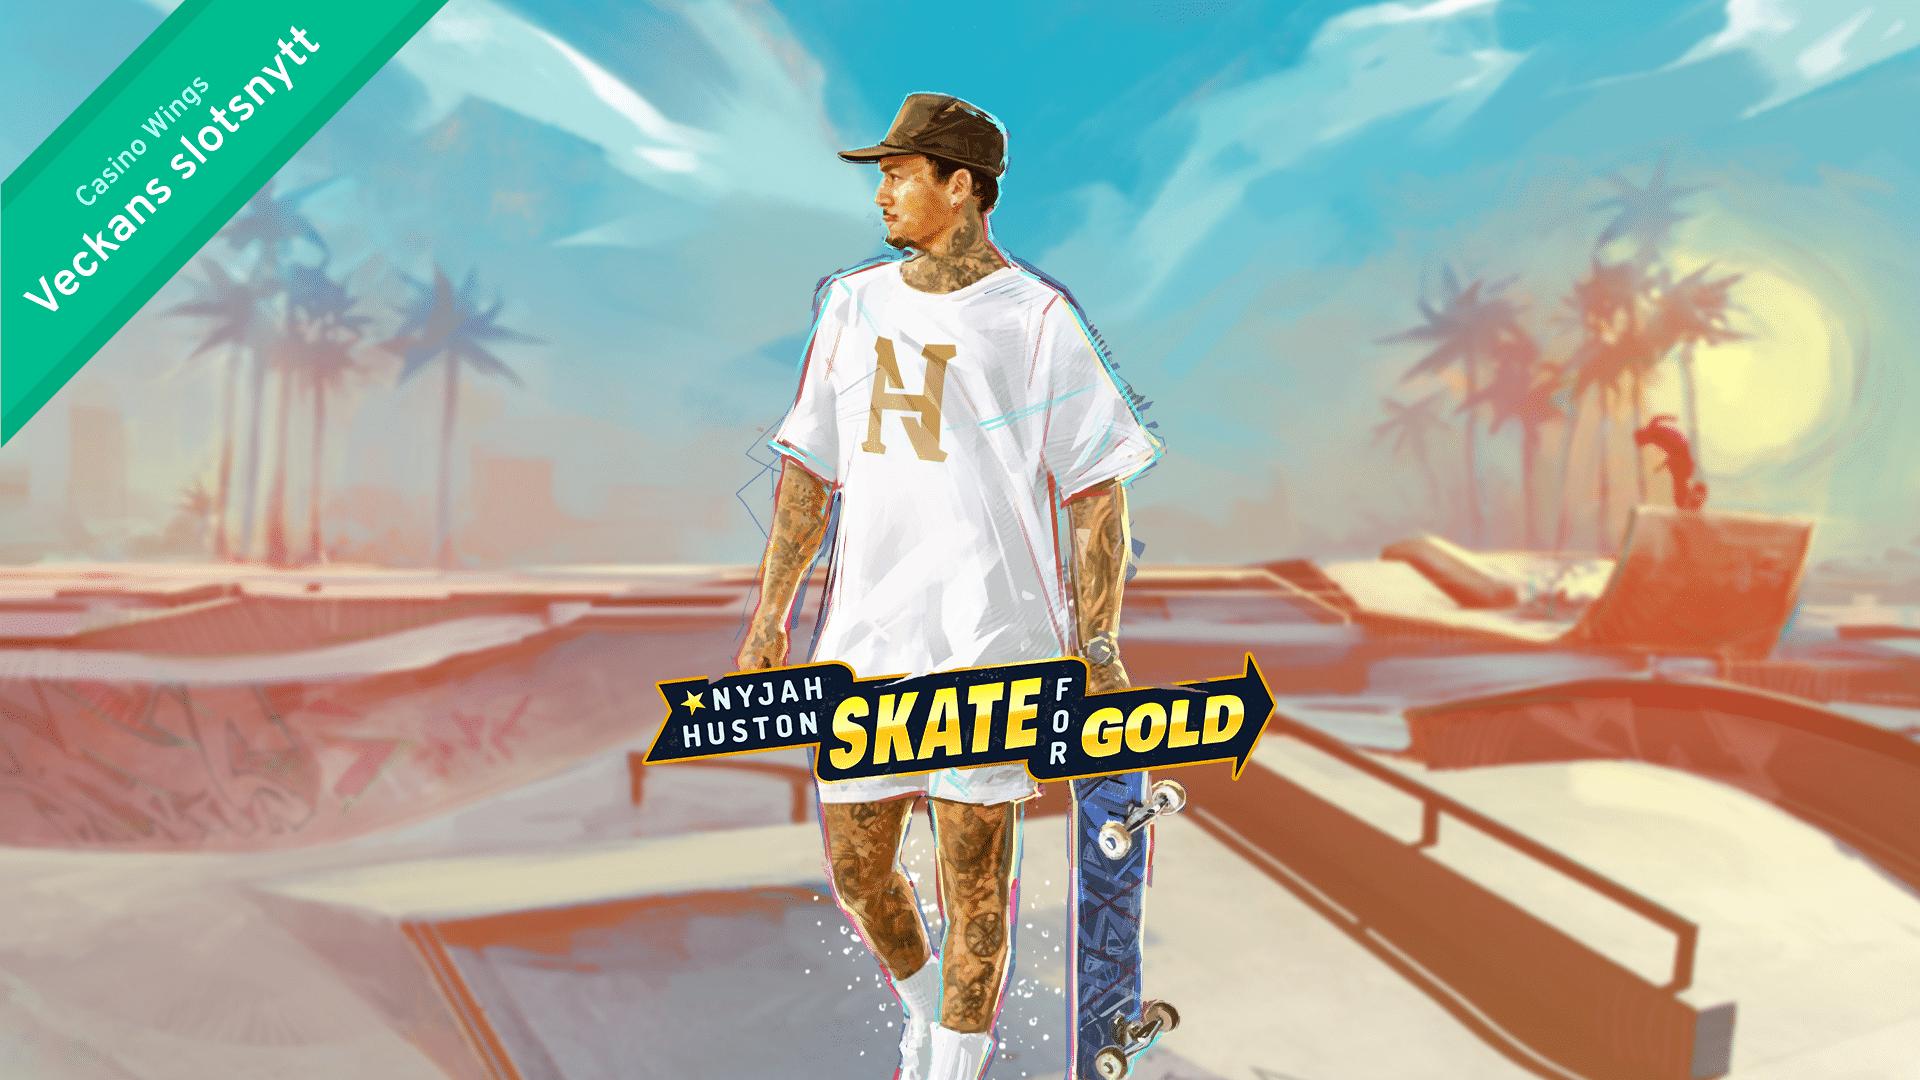 Veckans slotsnytt: skateboarding, rymden & söta bin